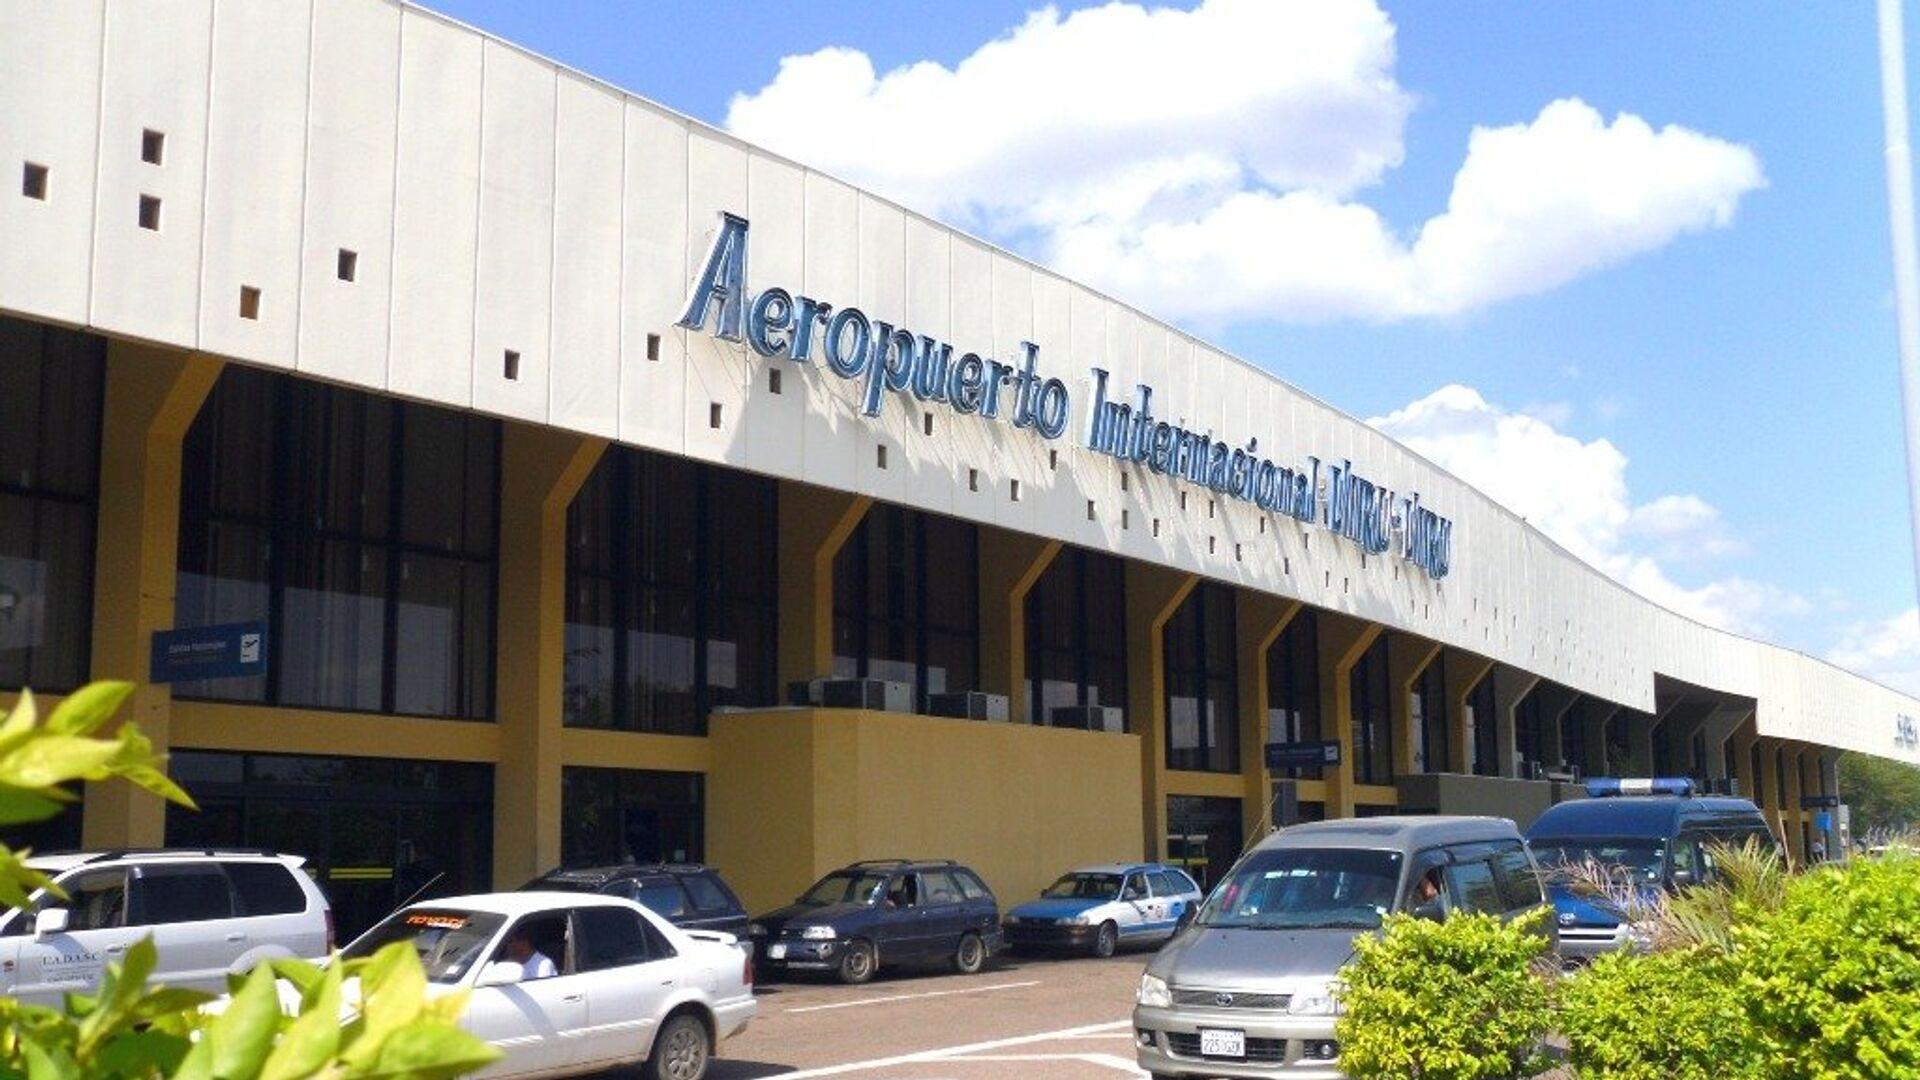 El aeropuerto internacional de Viru Viru en Santa Cruz de la Sierra - Sputnik Mundo, 1920, 24.09.2021